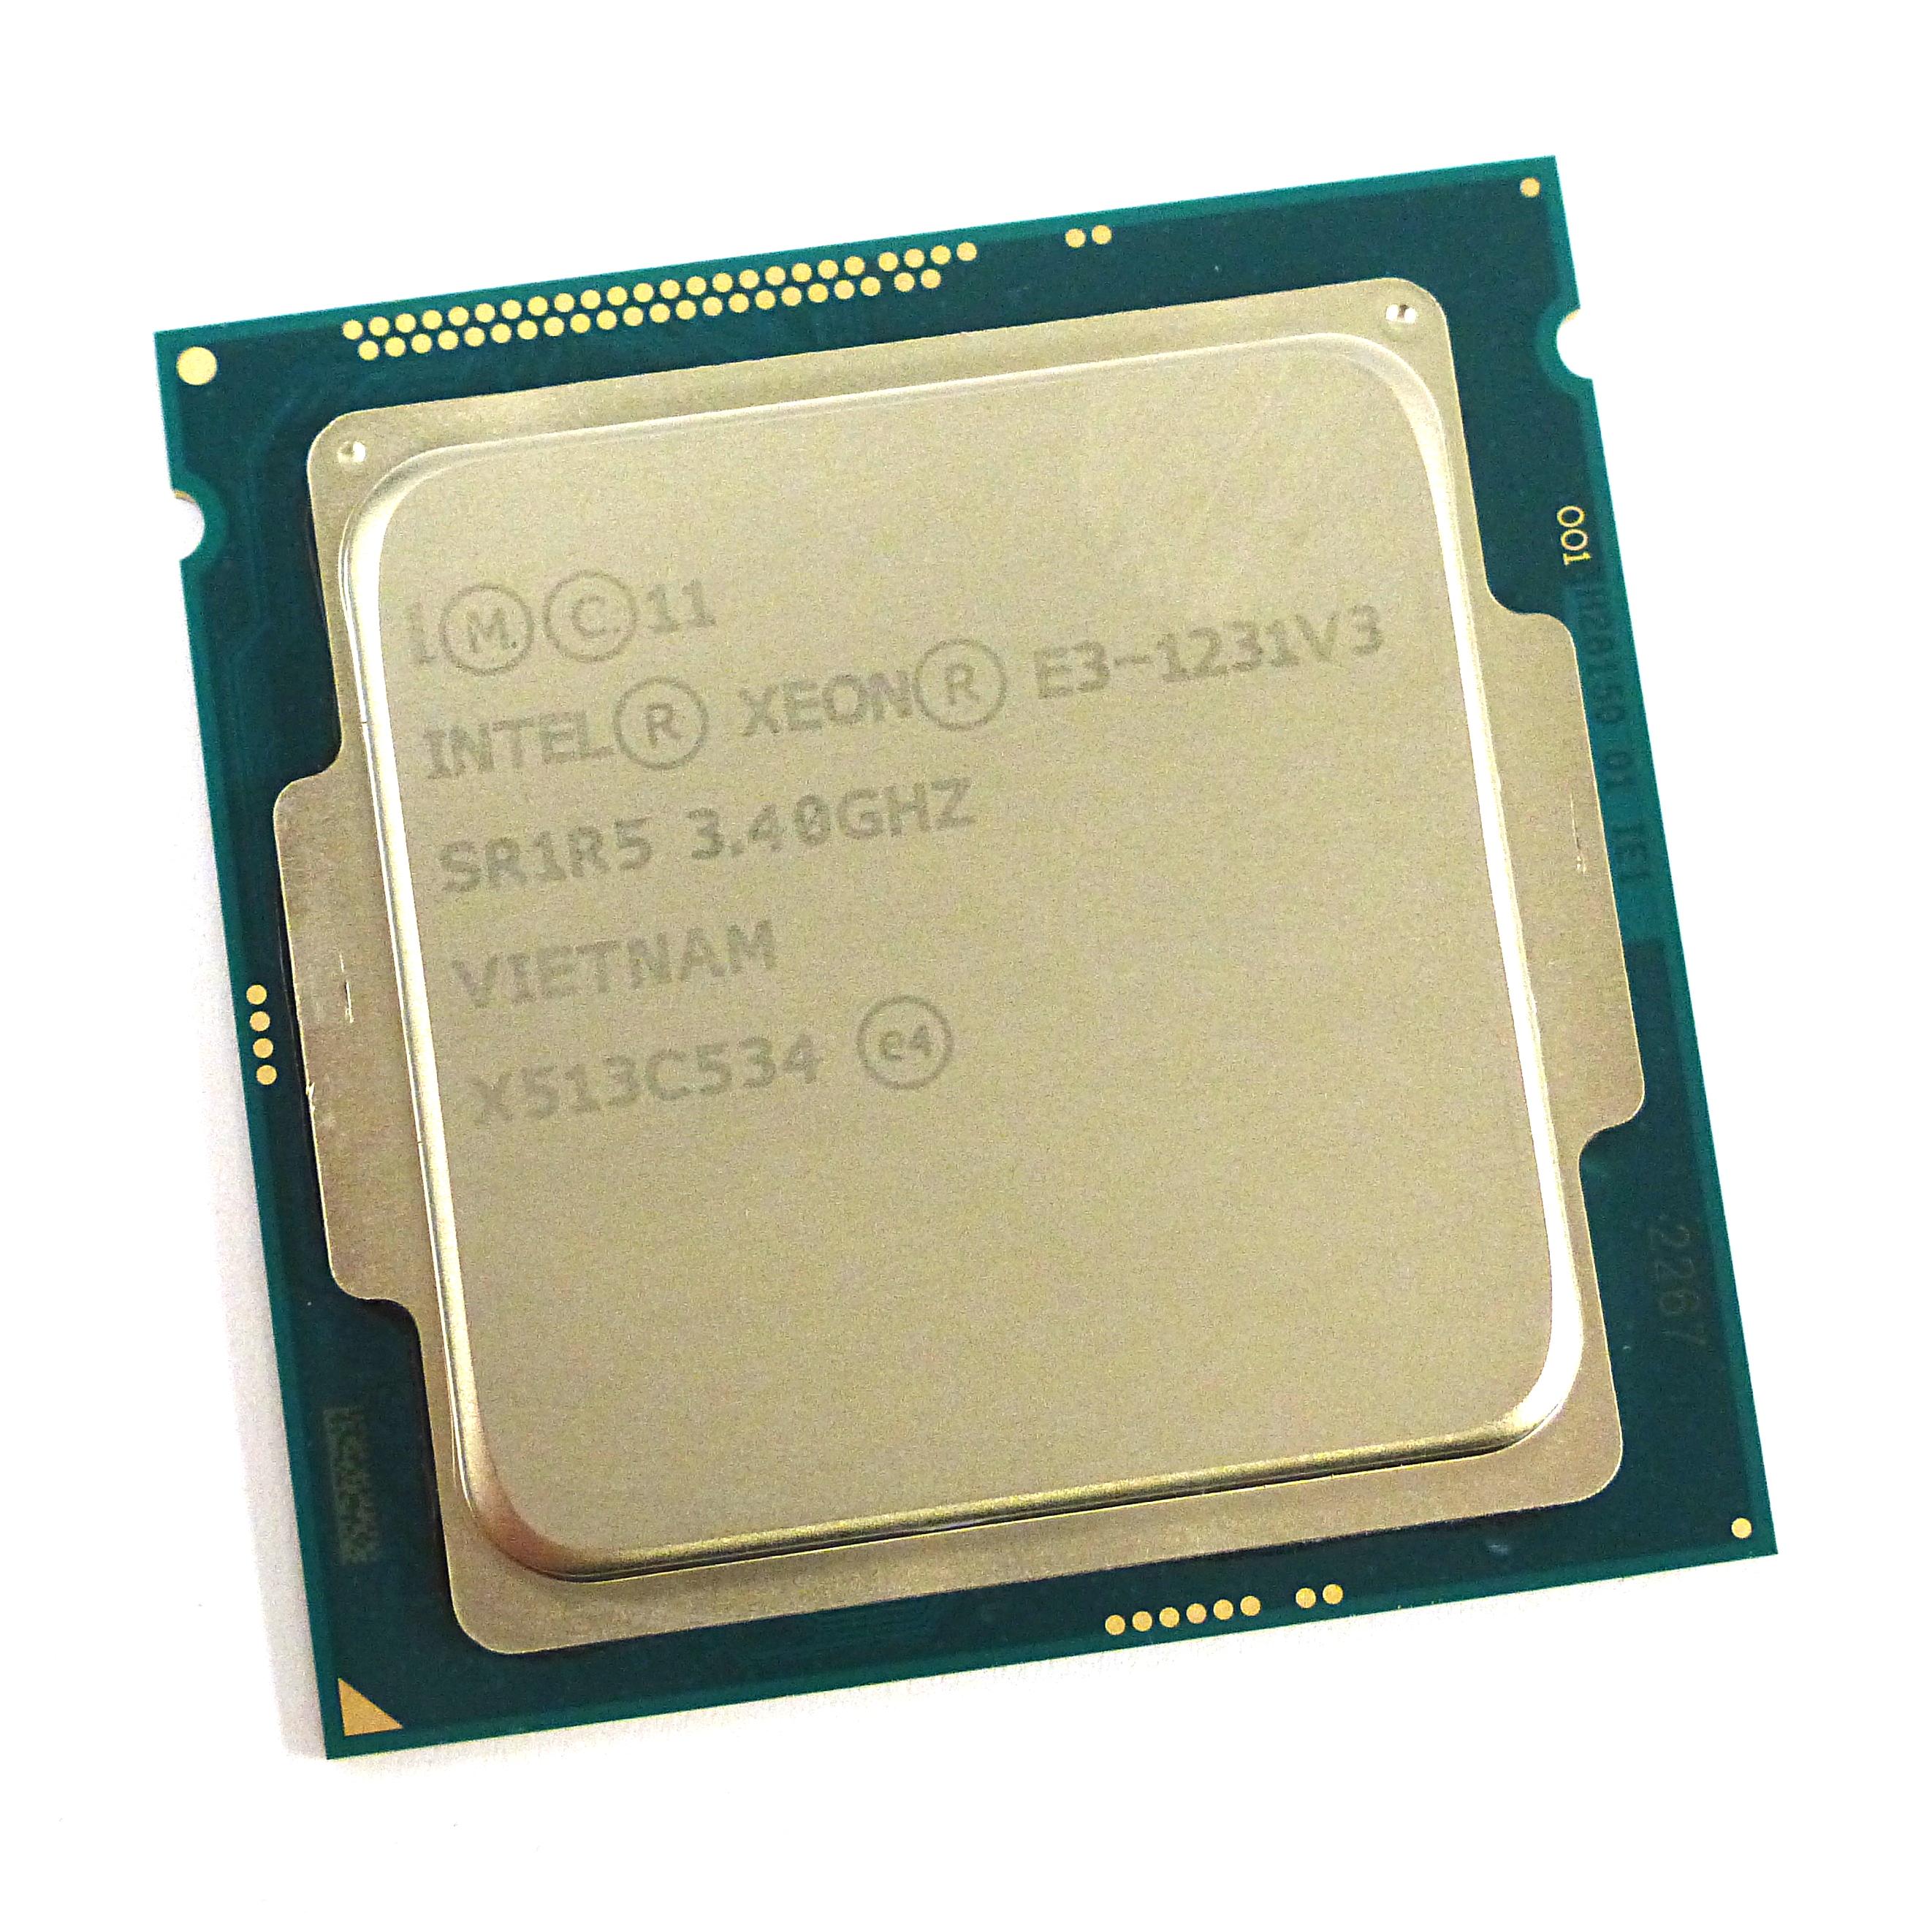 Intel Xeon SR1R5 E3-1231V3 3 4GHz Quad Core Socket LGA1150 Processor